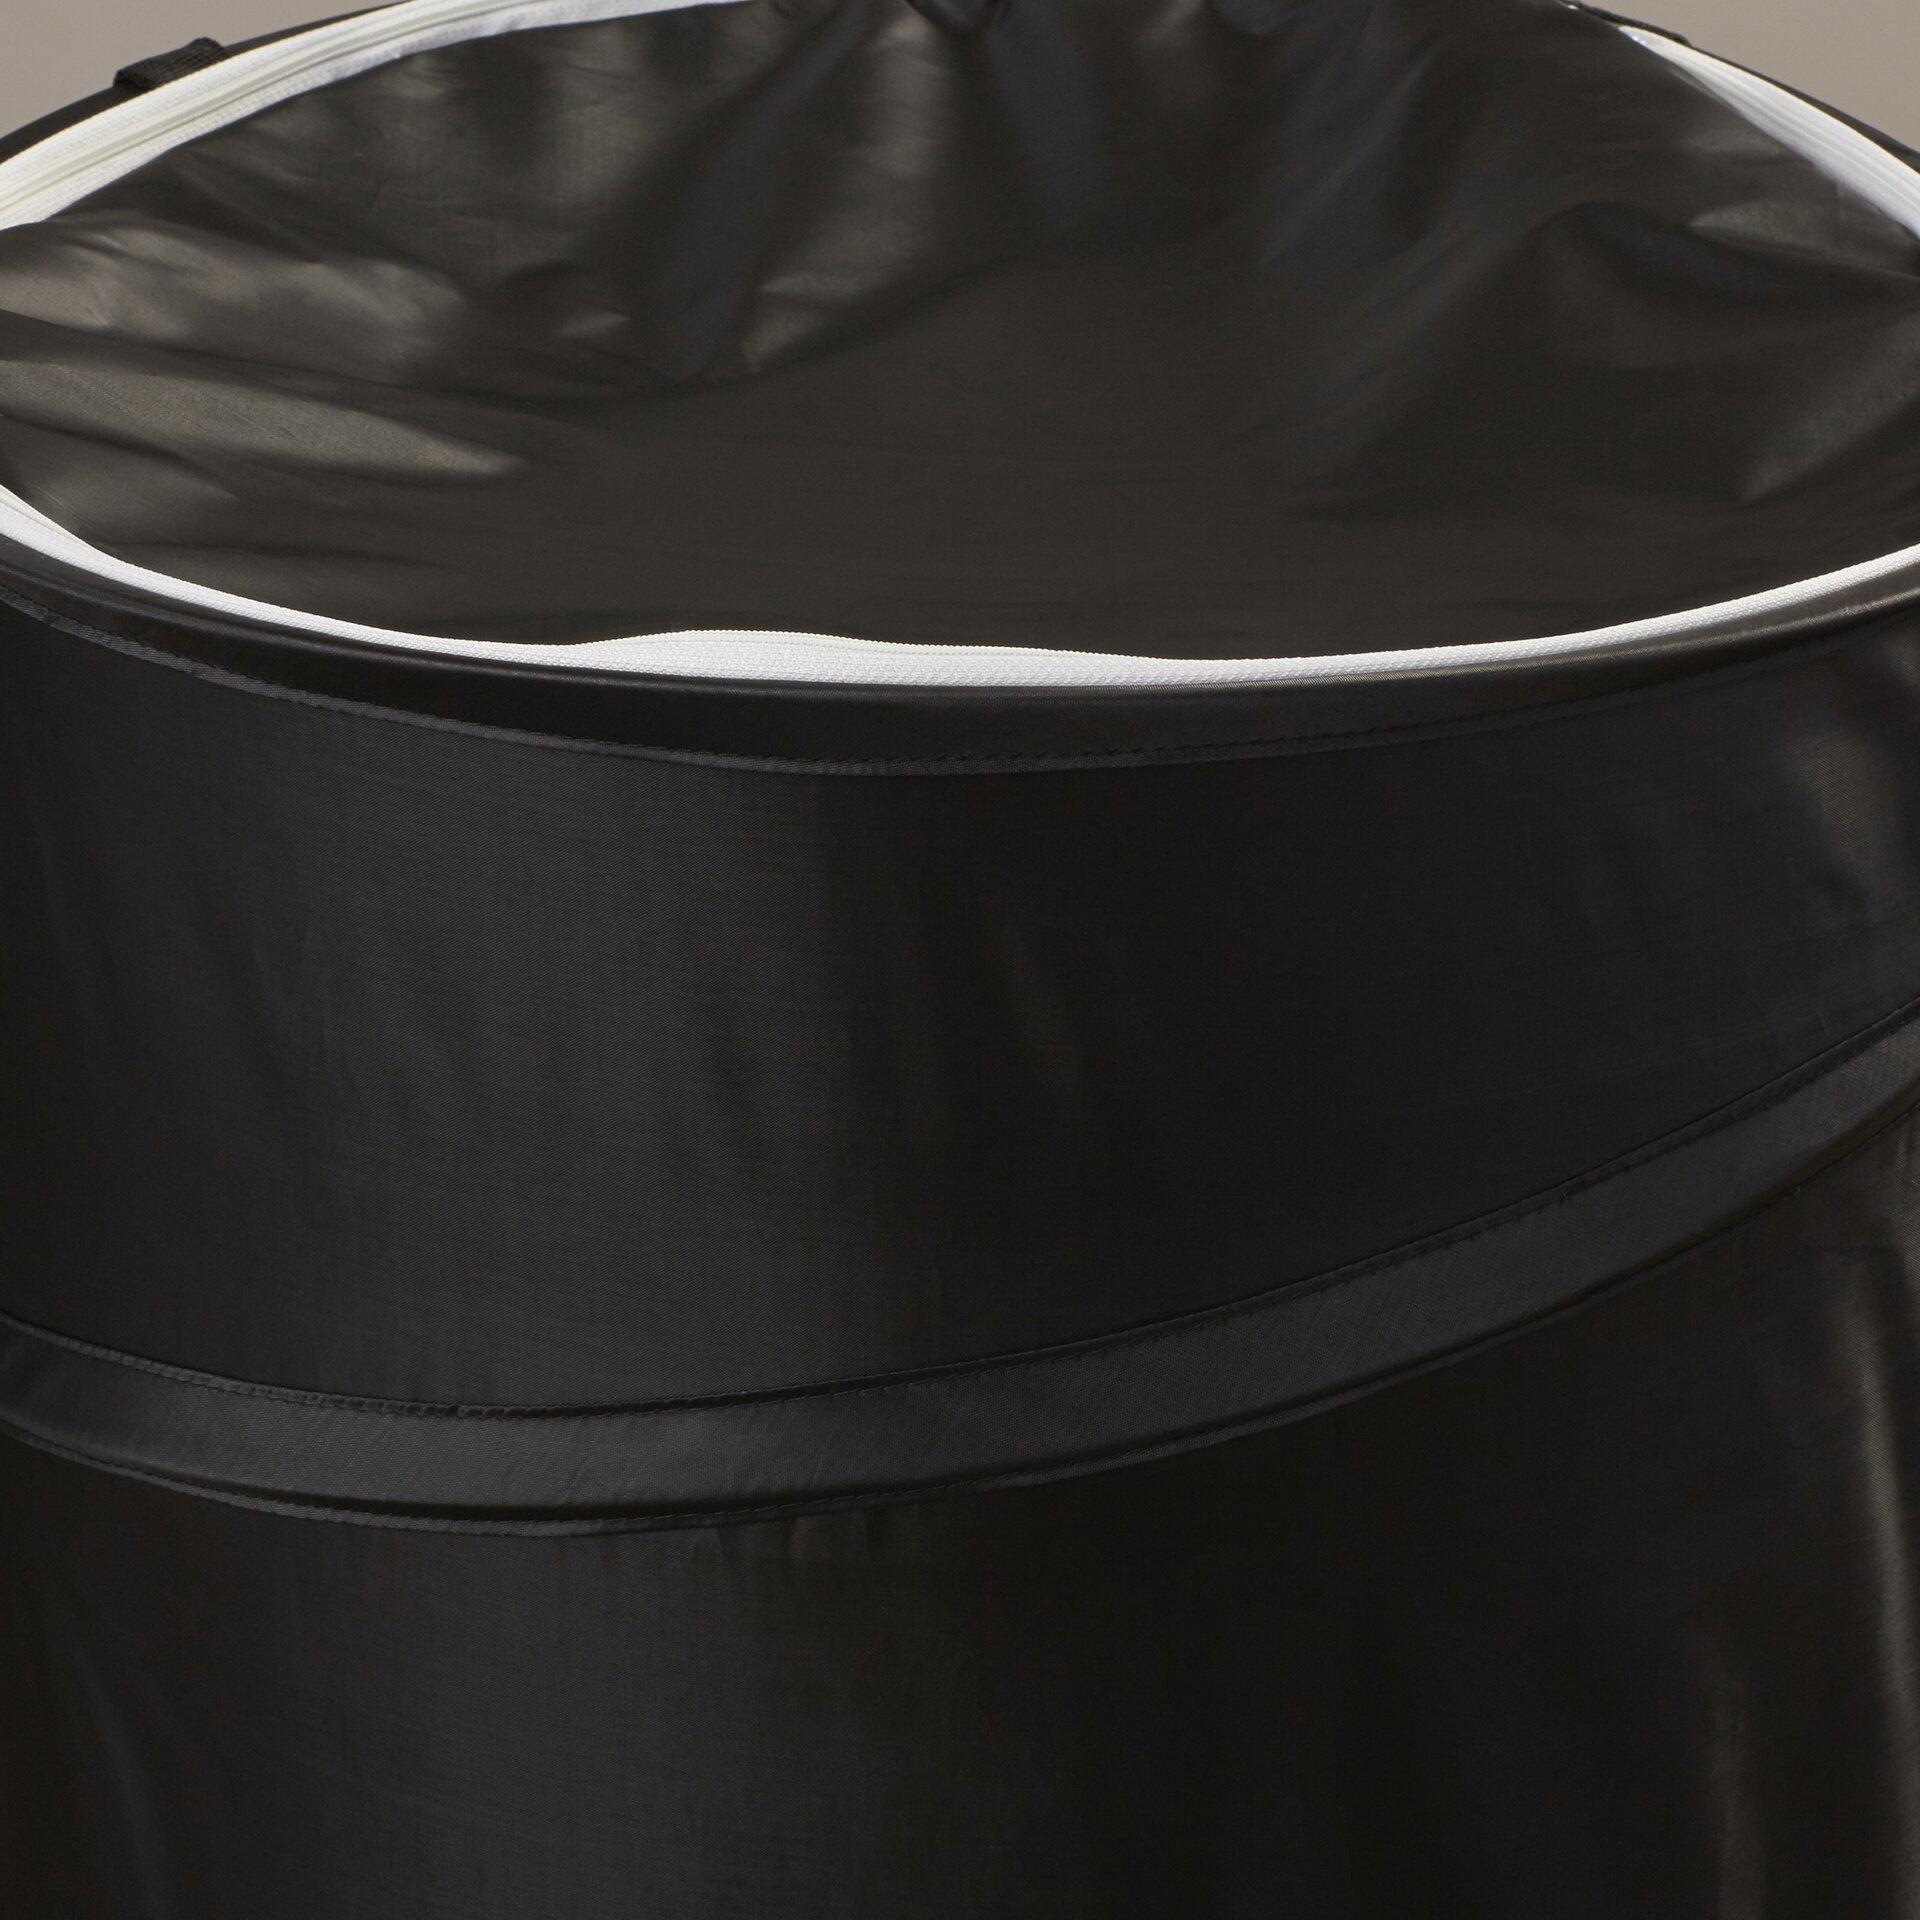 Zipcode Design Pop Up Laundry Hamper Reviews Wayfair